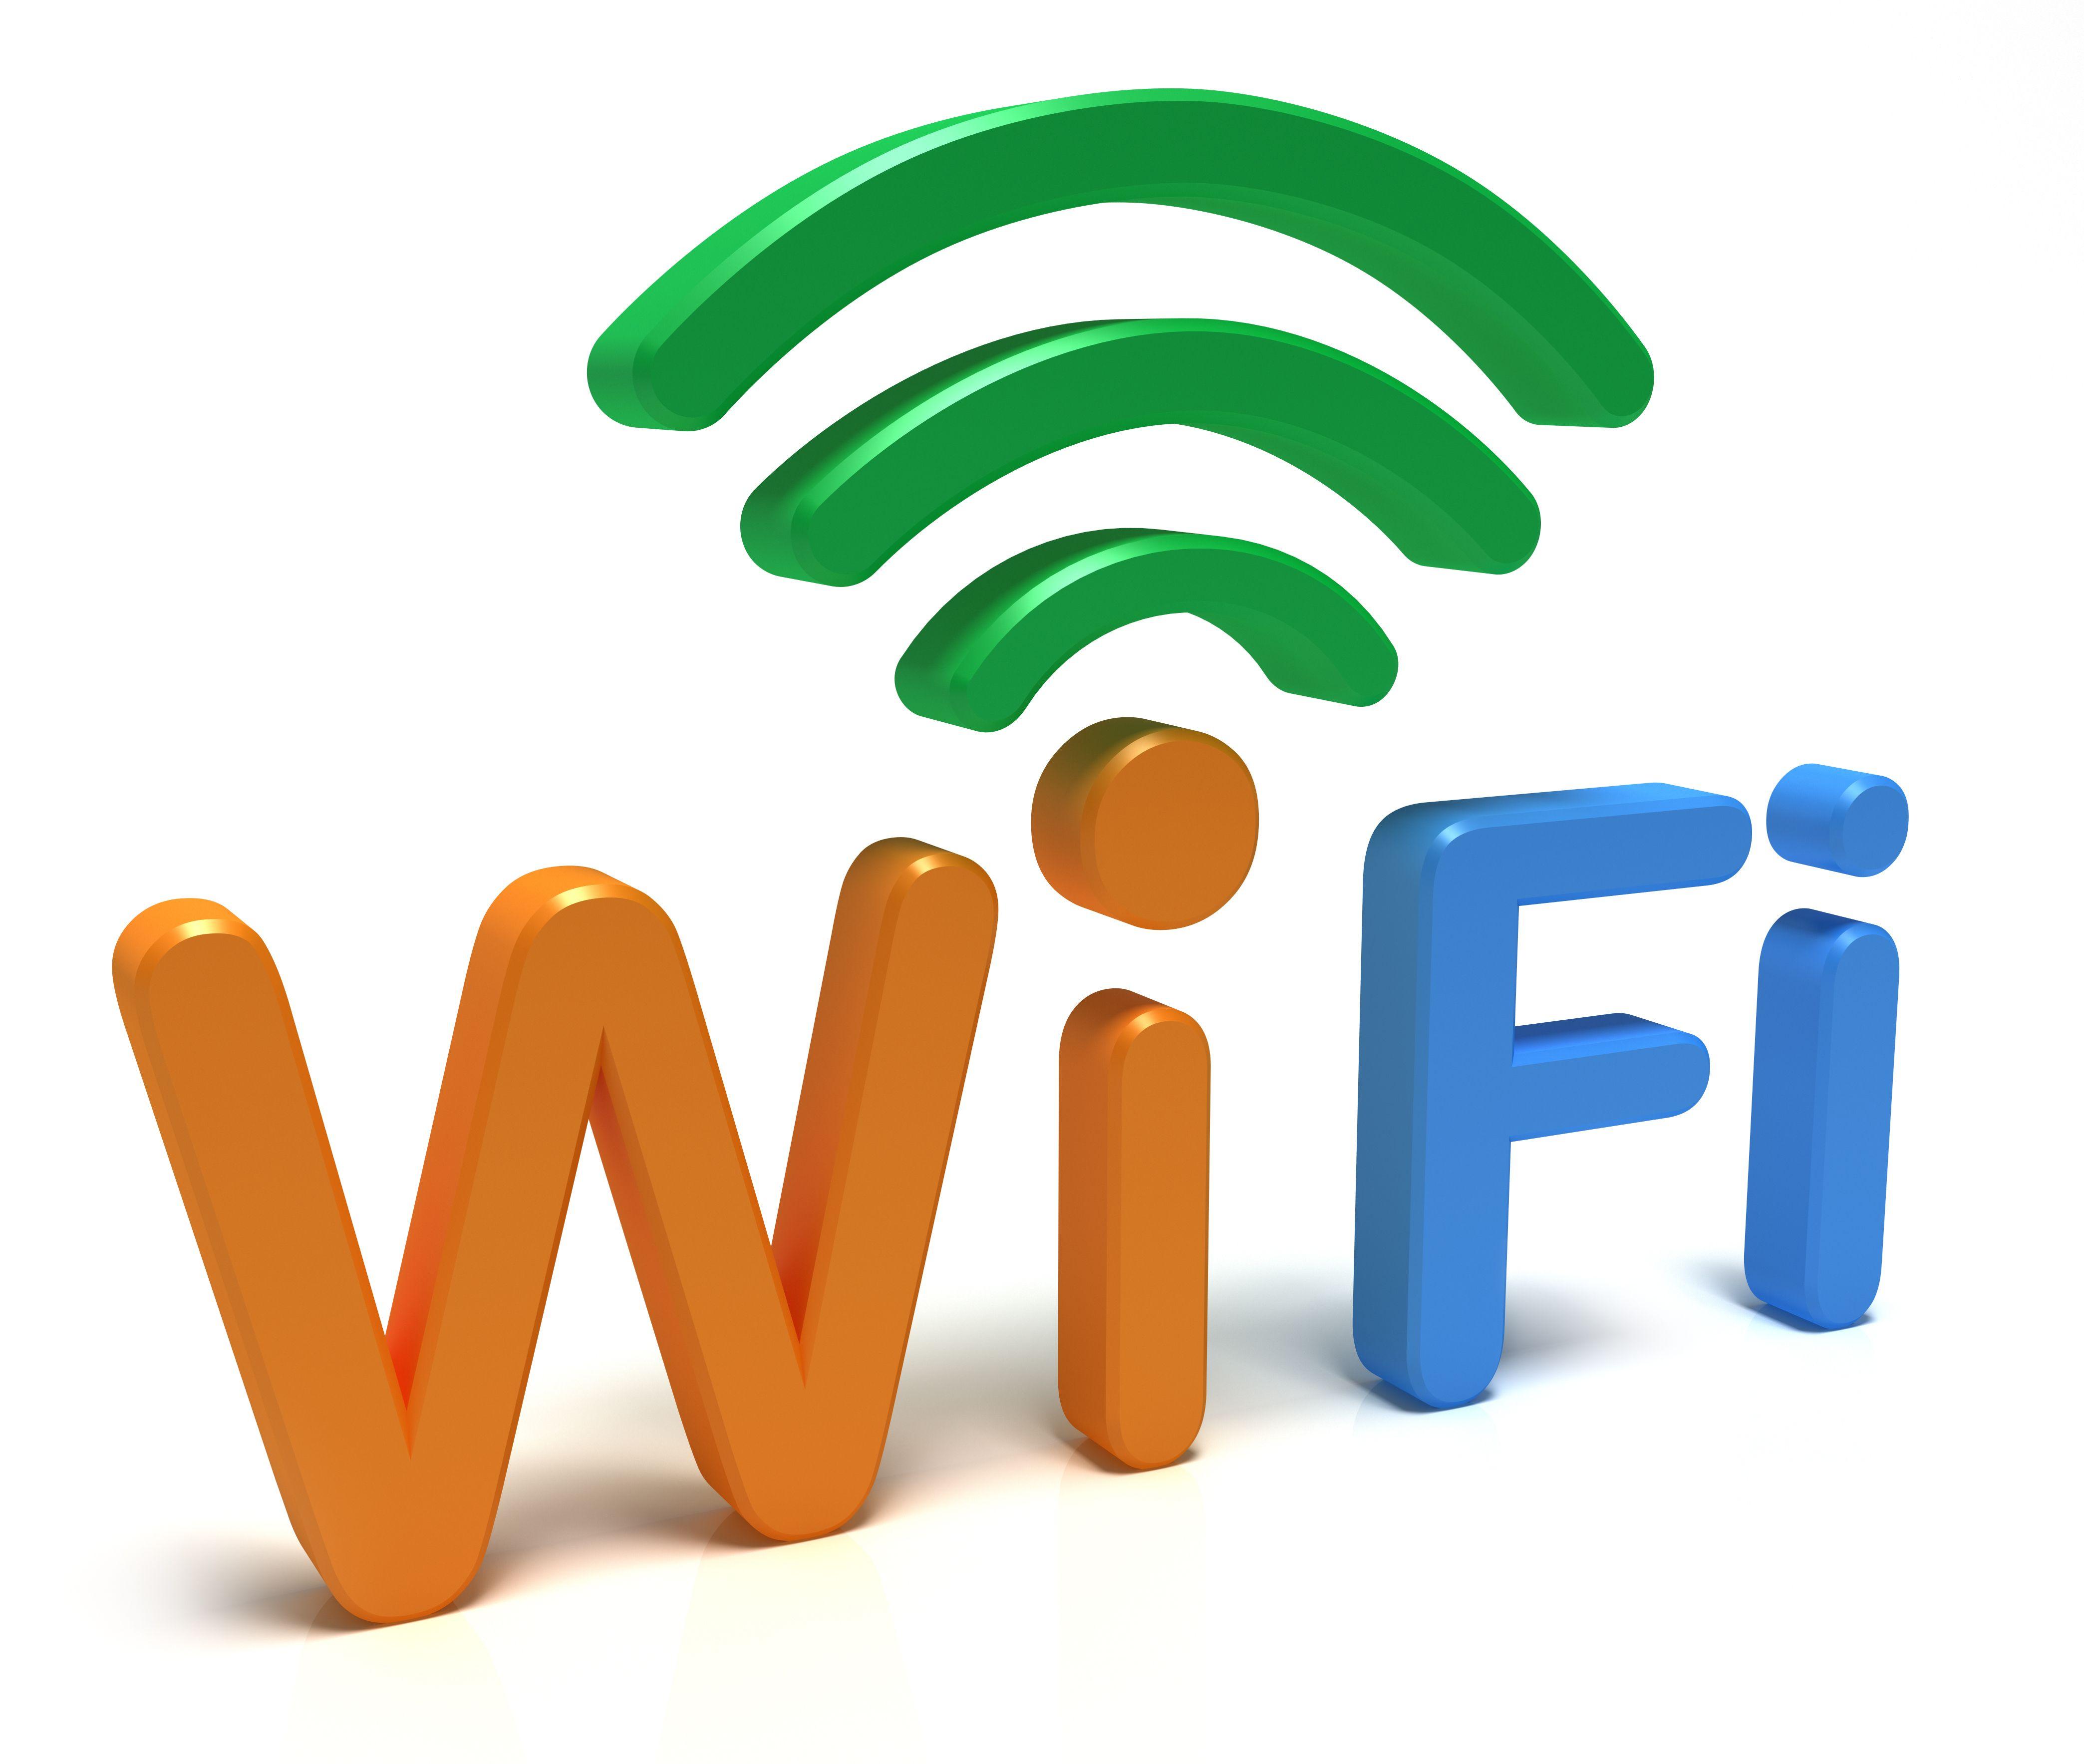 WiFi (or Wi-Fi) is short for Wireless Fidelity. WiFi is a ...